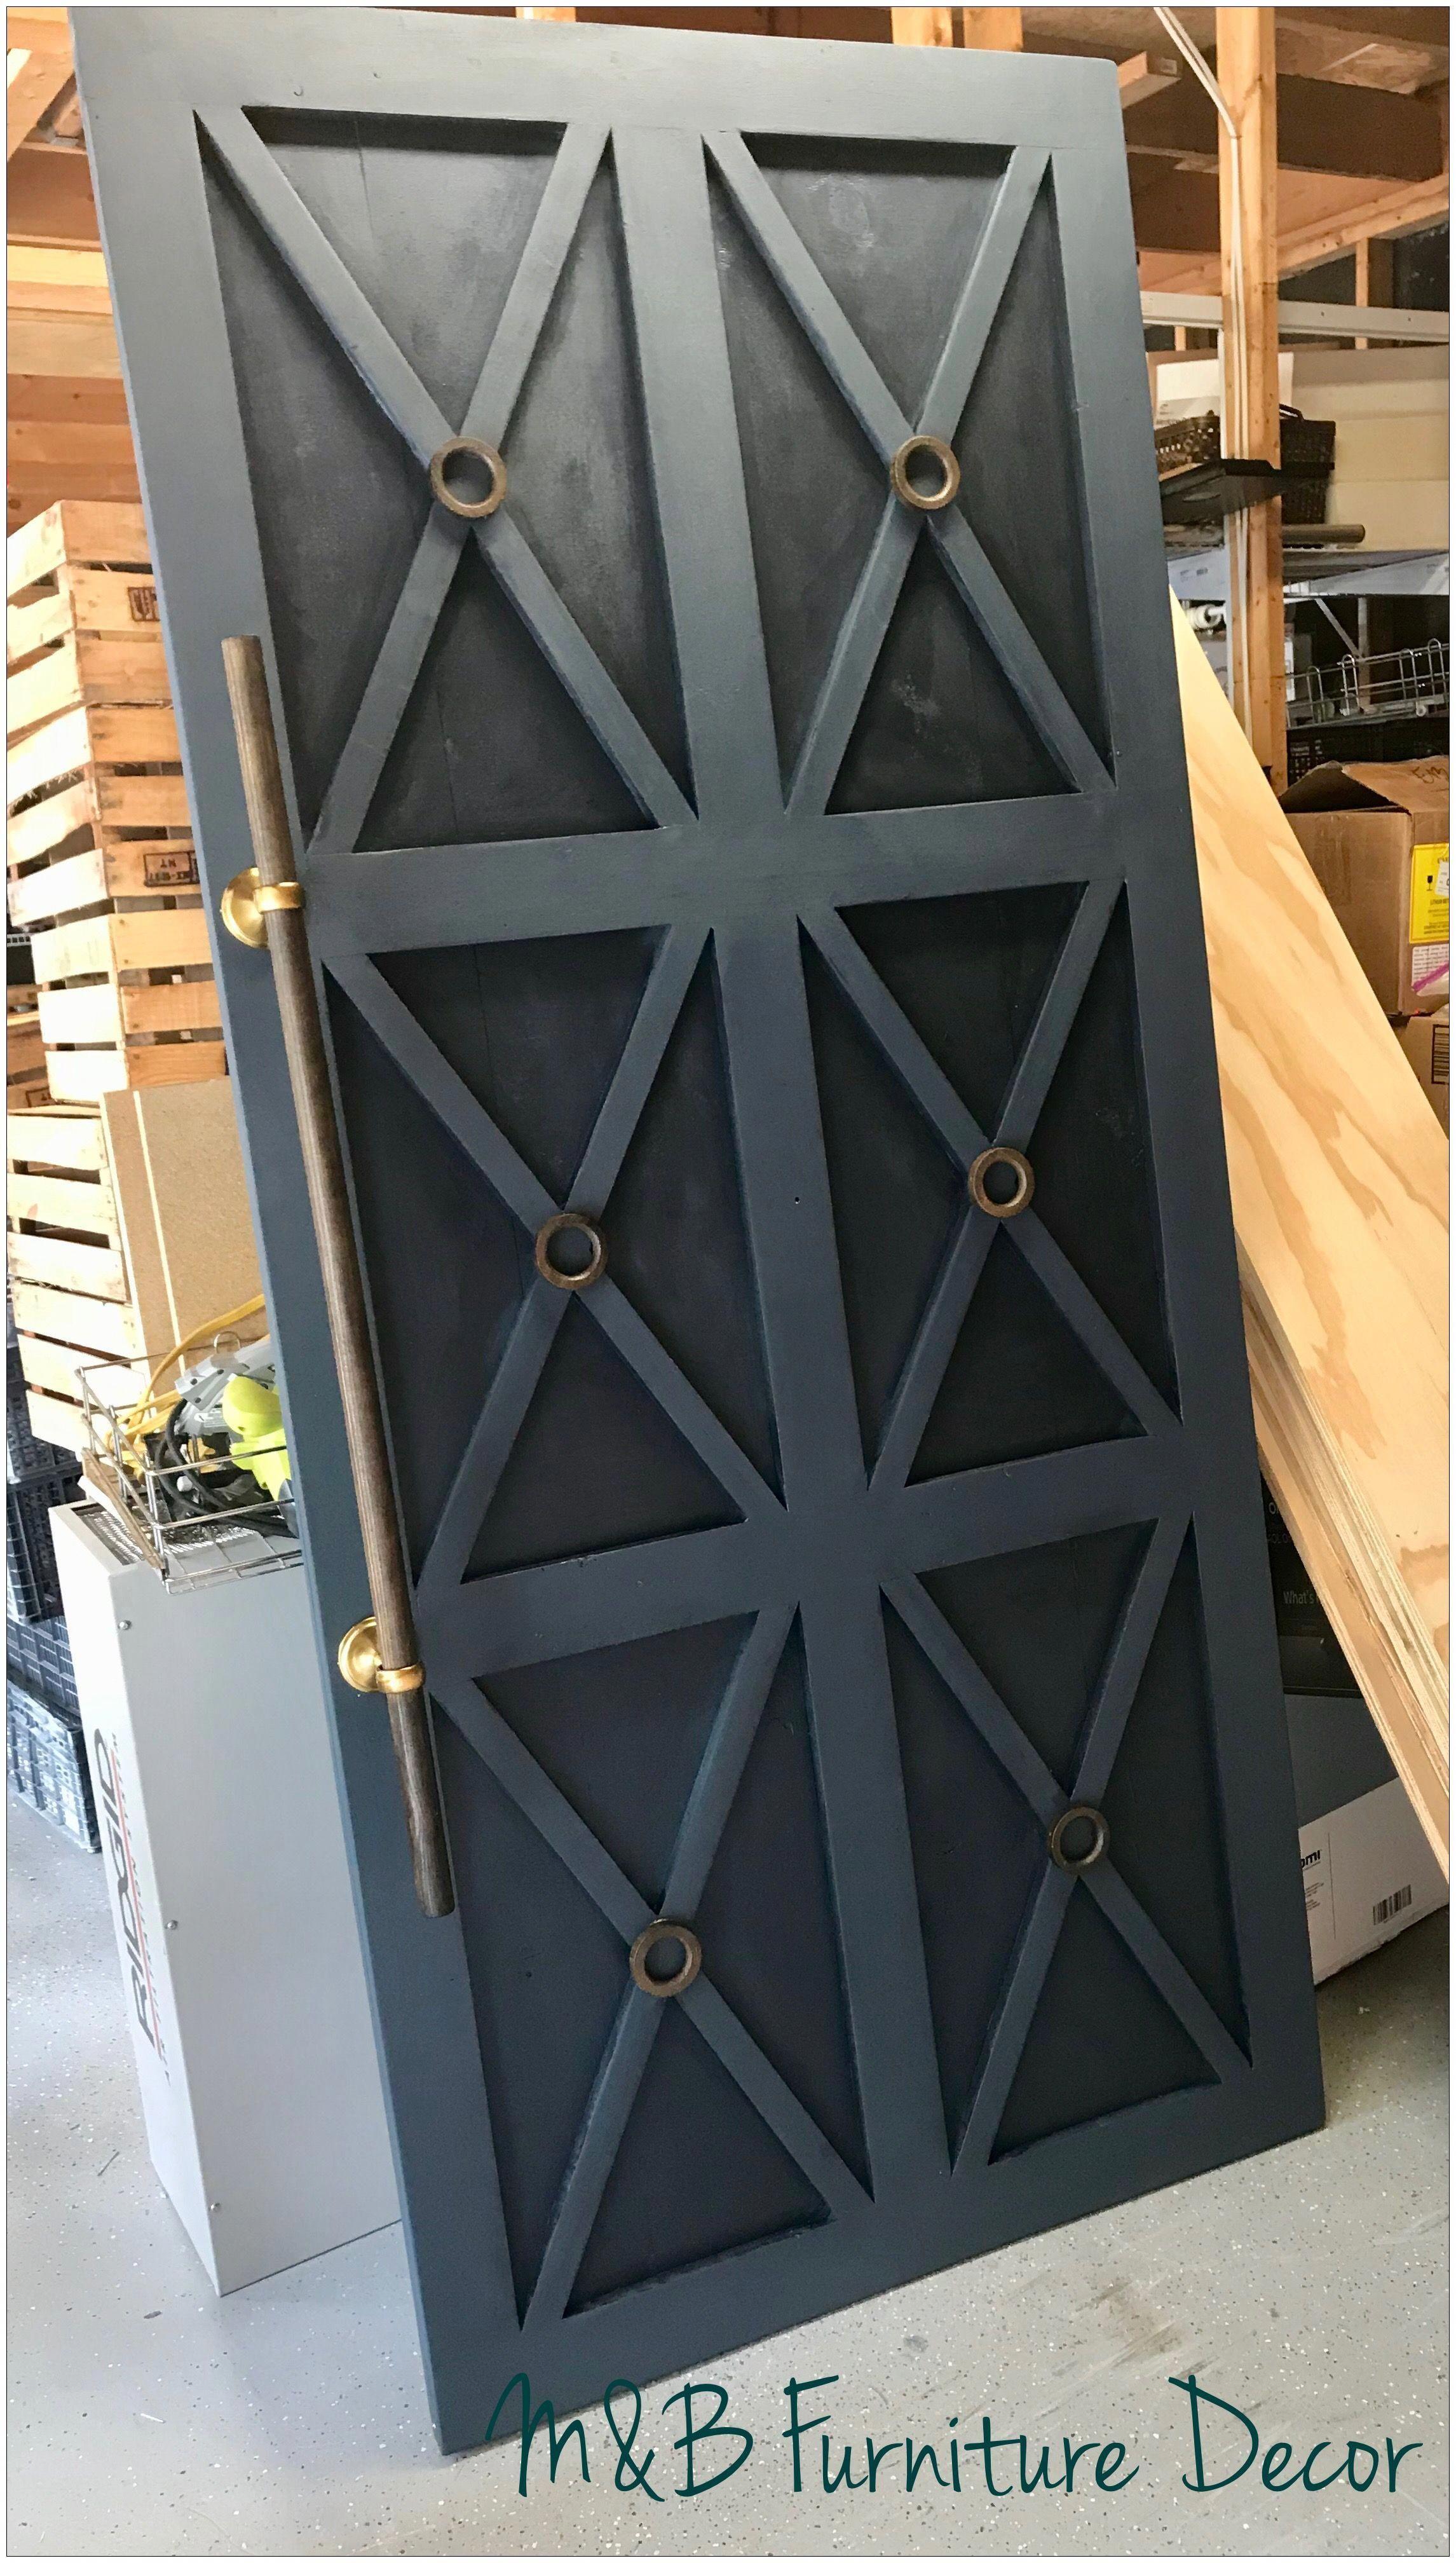 Exterior Sliding Barn Door Track System | Farmhouse Sliding Door | Sliding Barn  Doors For Interior Use 20181125